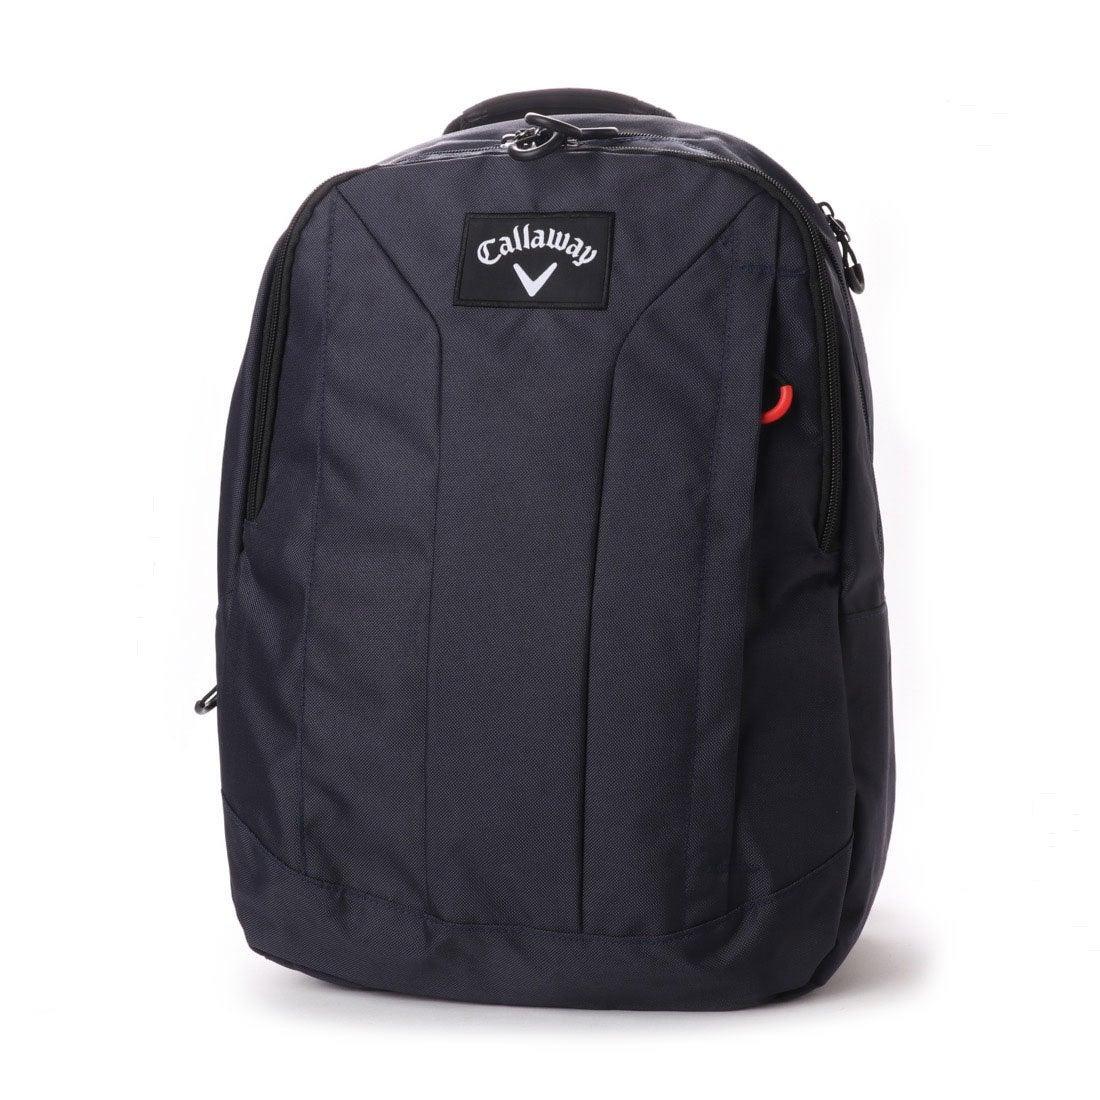 キャロウェイ Callaway ゴルフ ボストンバッグ B-Style Back Pack 18 JM 0228348340